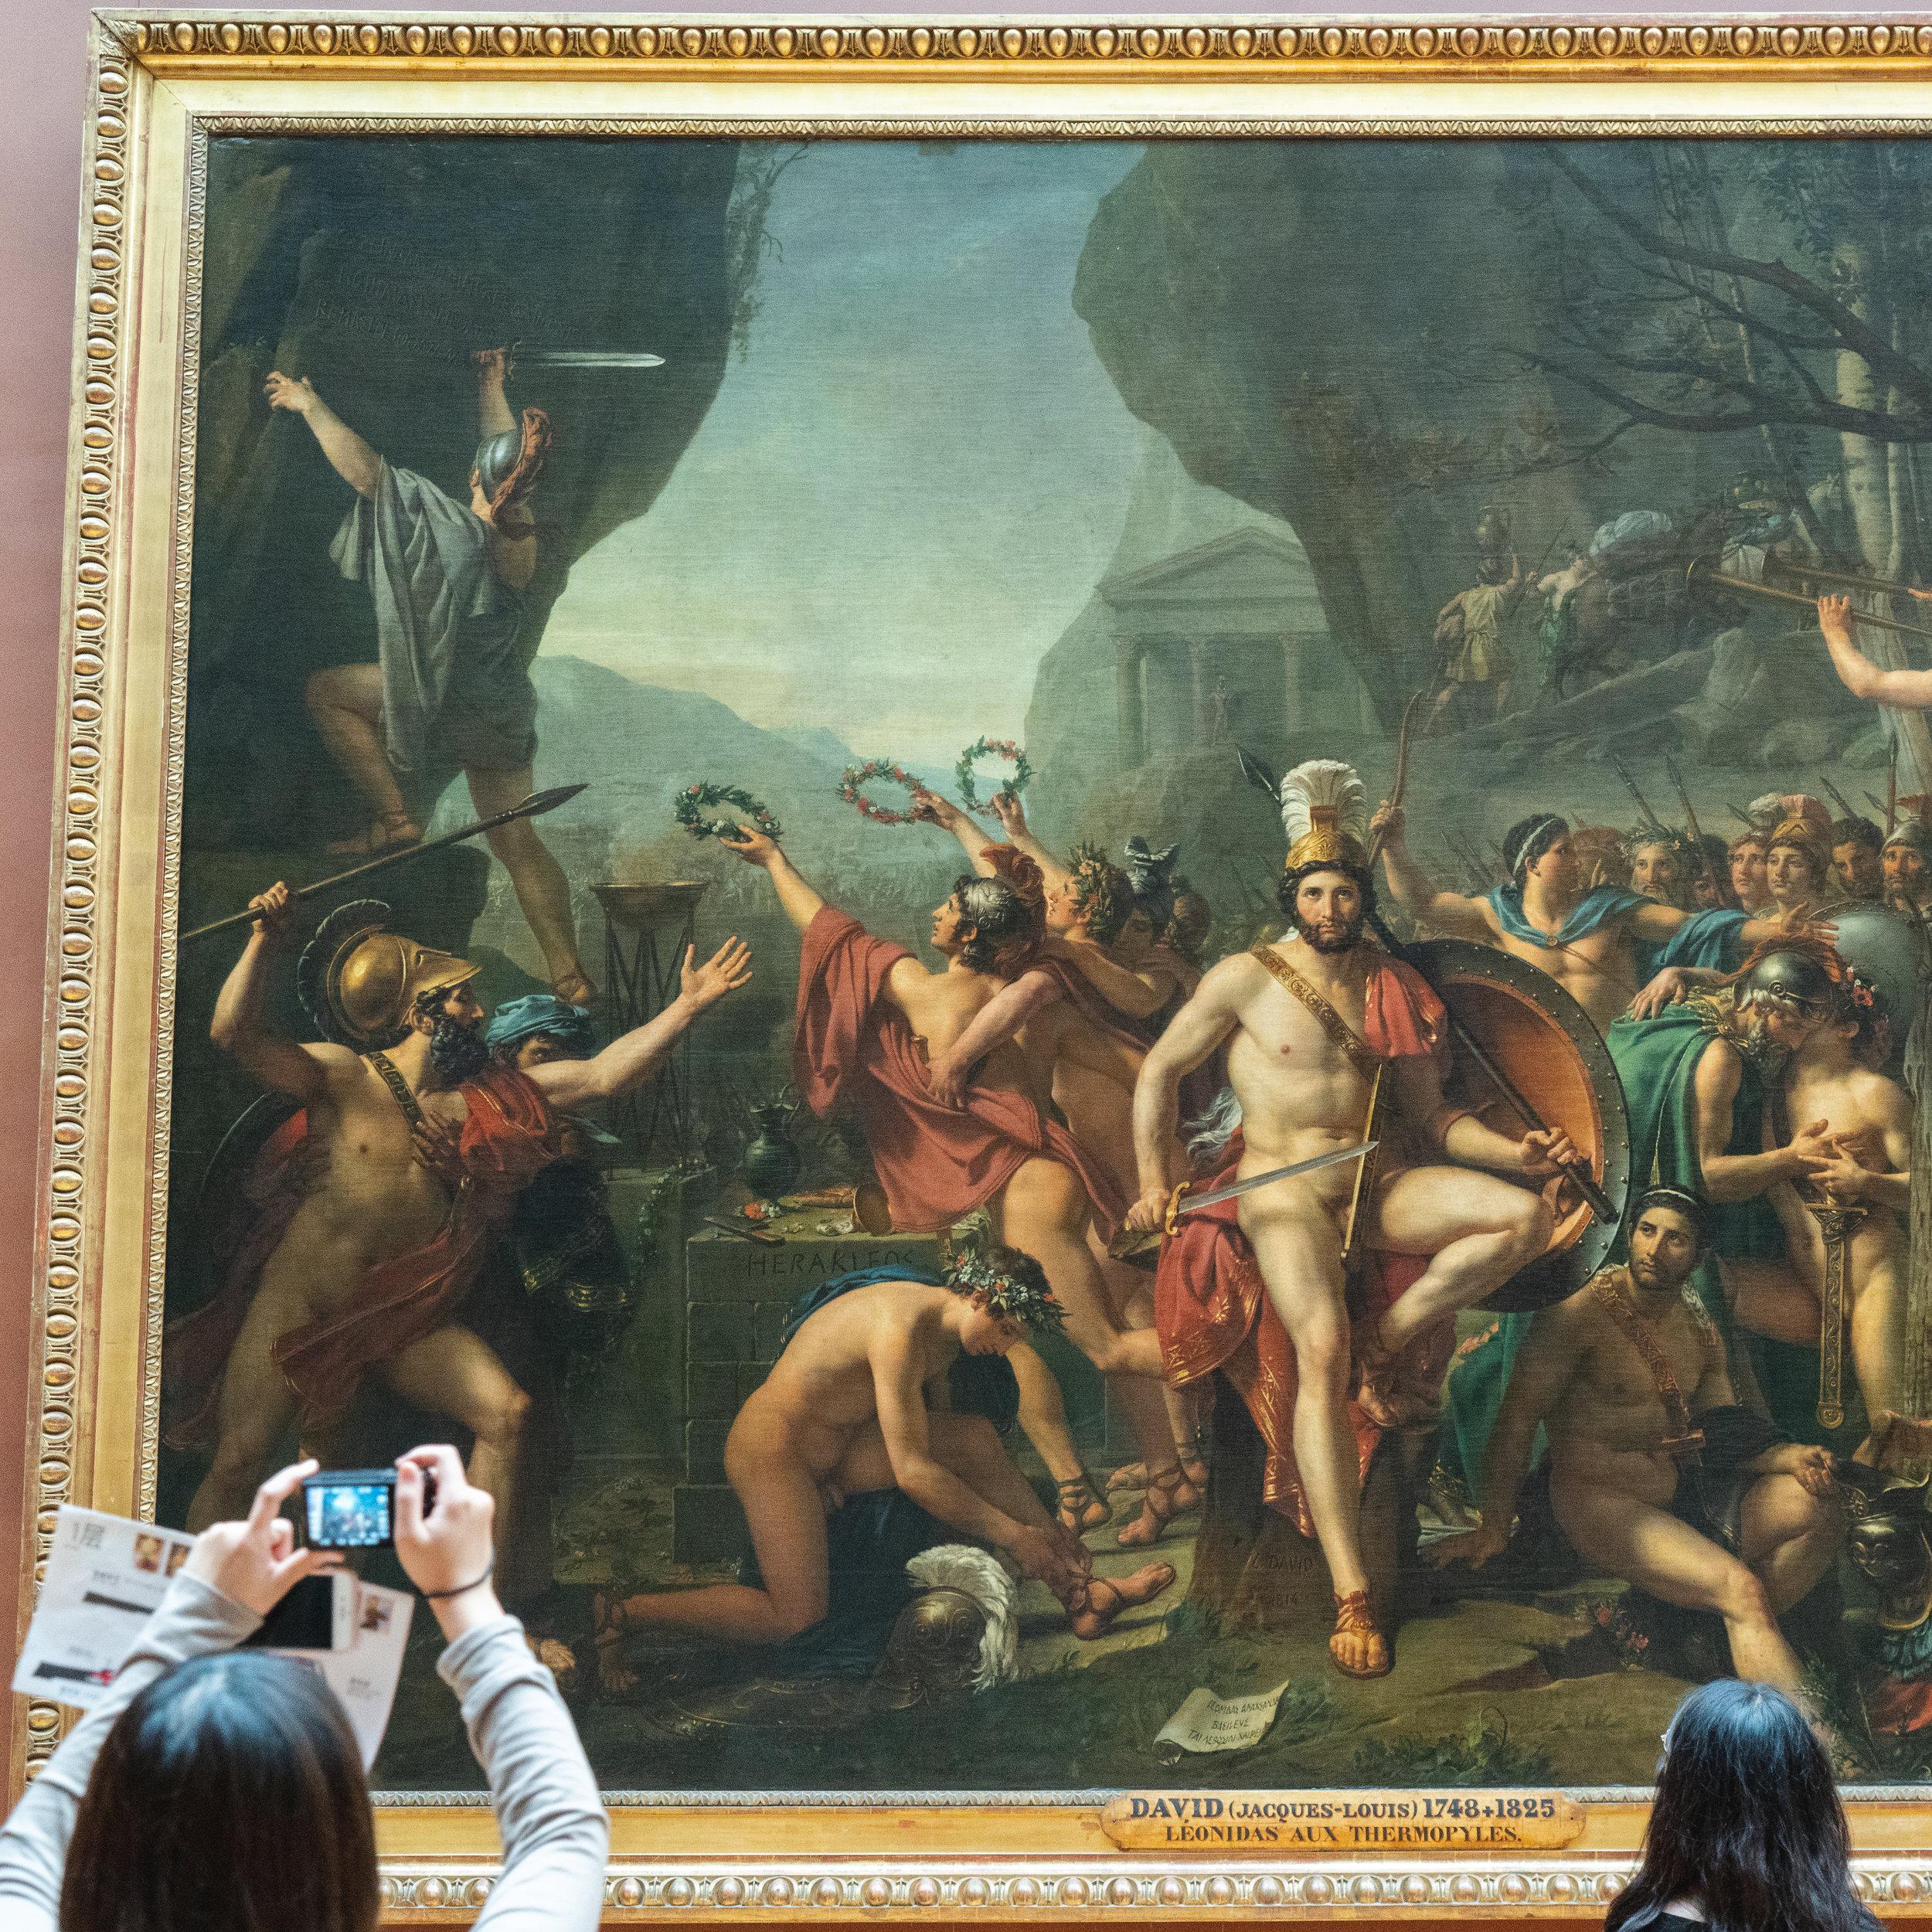 Léonidas at Thermopylae